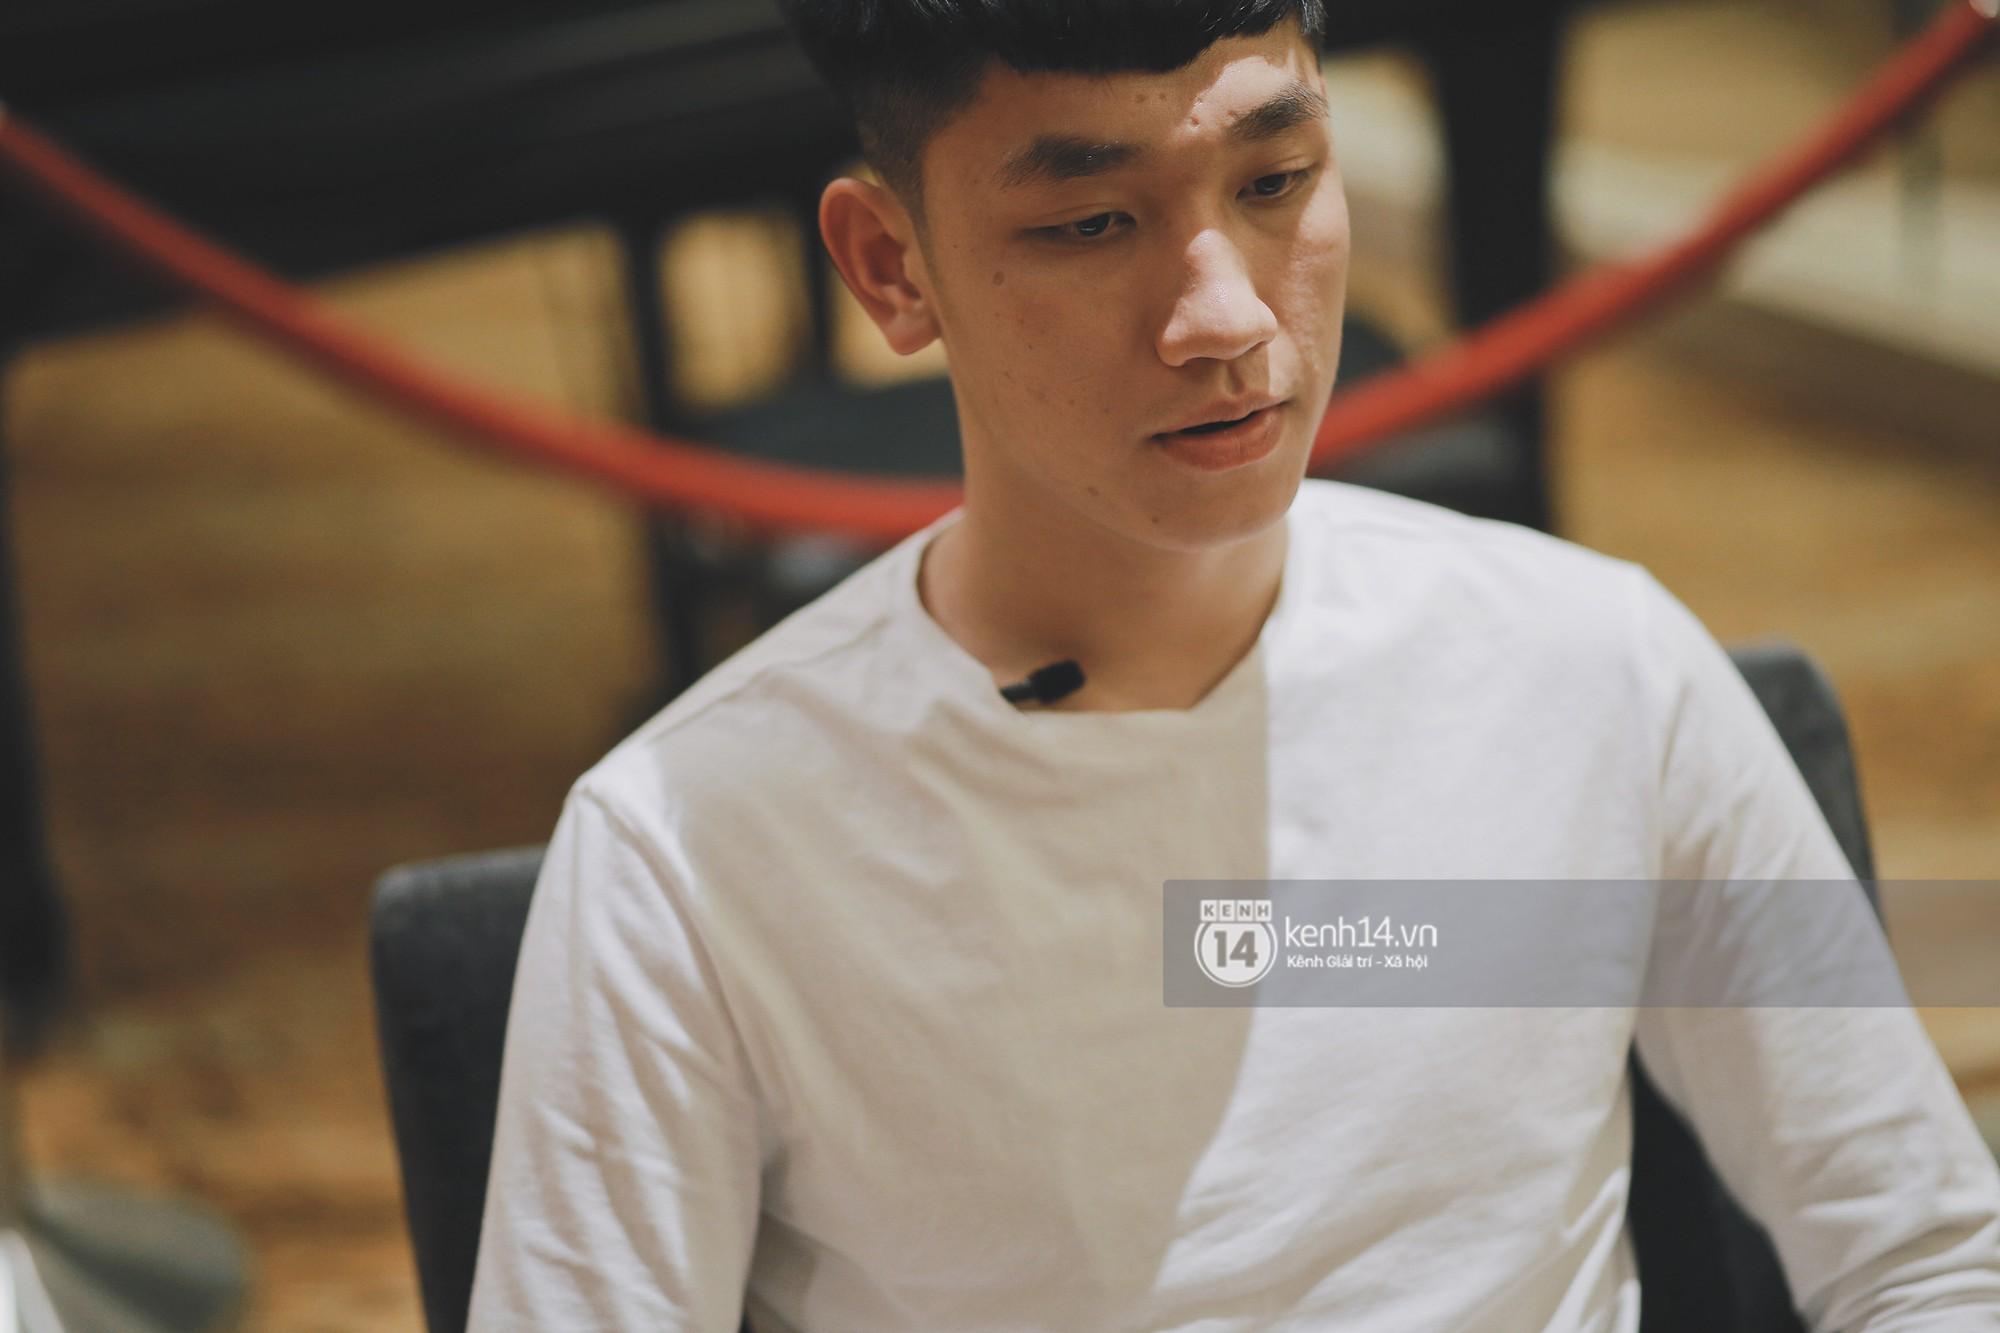 """Trọng Đại - anh chàng """"cool ngầu"""" của U23: Nếu là con gái sẽ chọn Văn Đức hoặc Văn Hậu để... hẹn hò - Ảnh 6."""